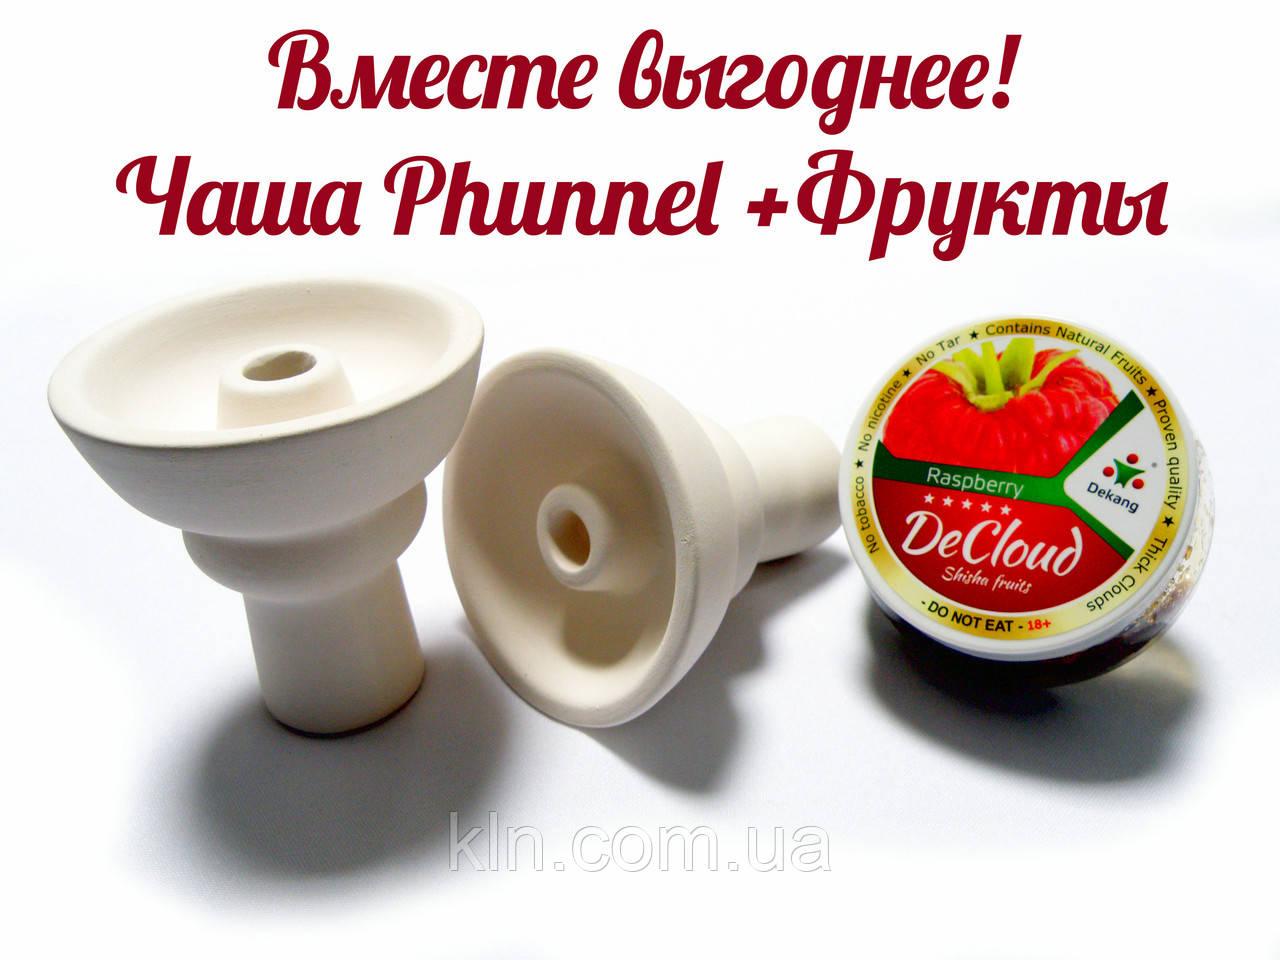 Подарочный набор №1: Чаша Phunnel + Фрукты 15 грамм для кальяна по супер цене!